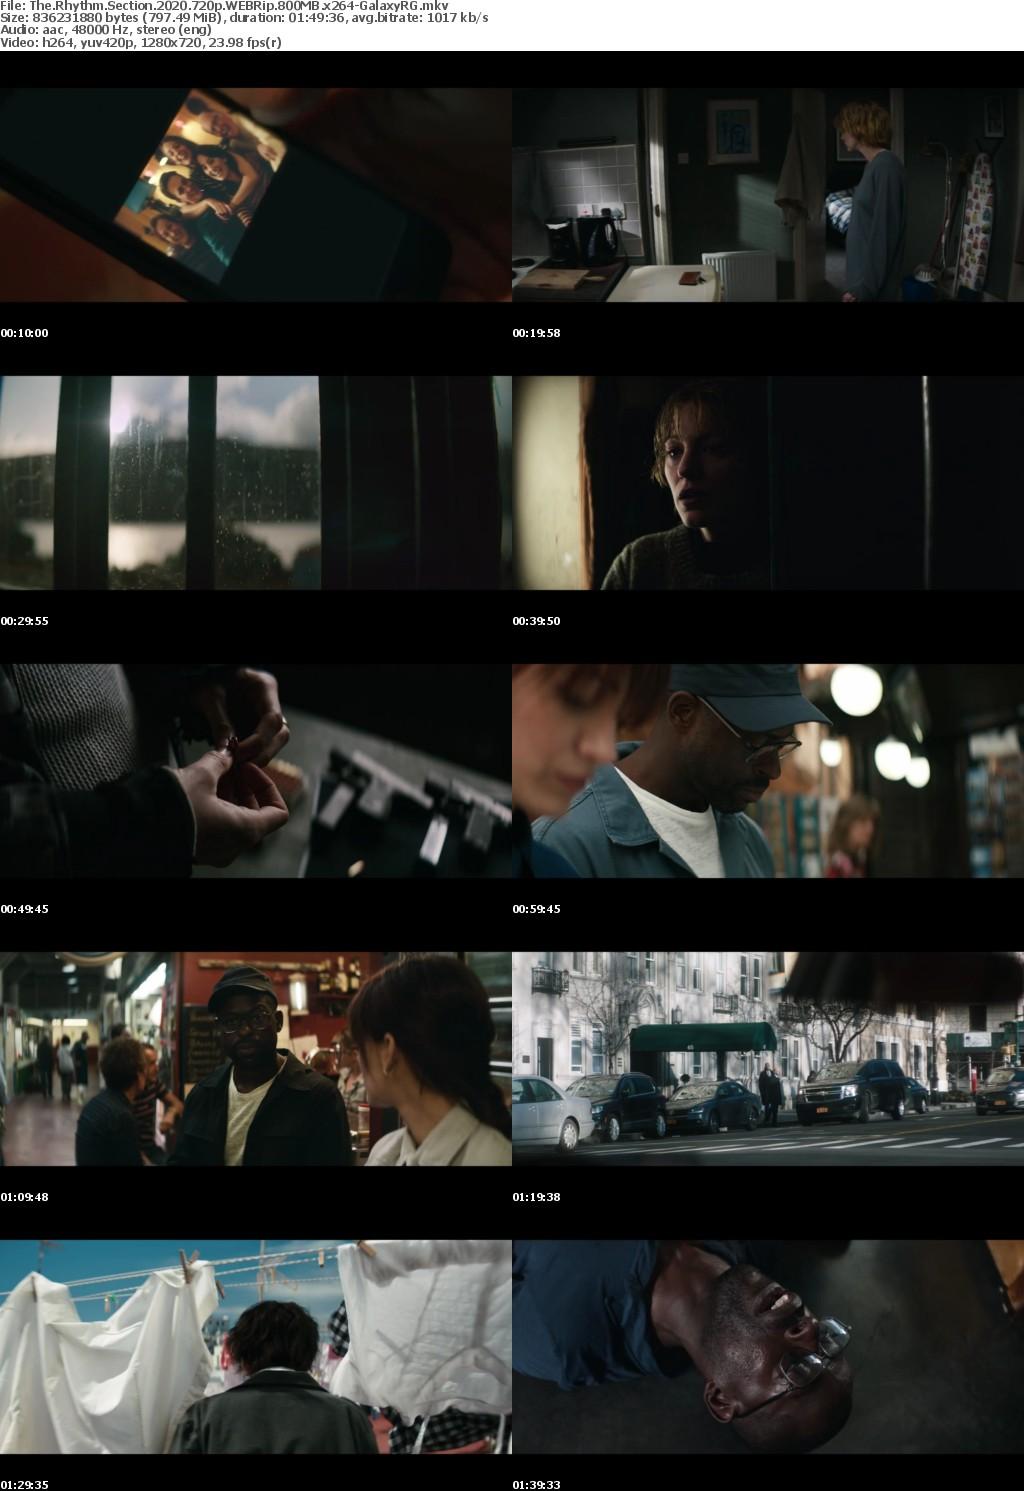 The Rhythm Section (2020) 720p WEBRip 800MB x264-GalaxyRG